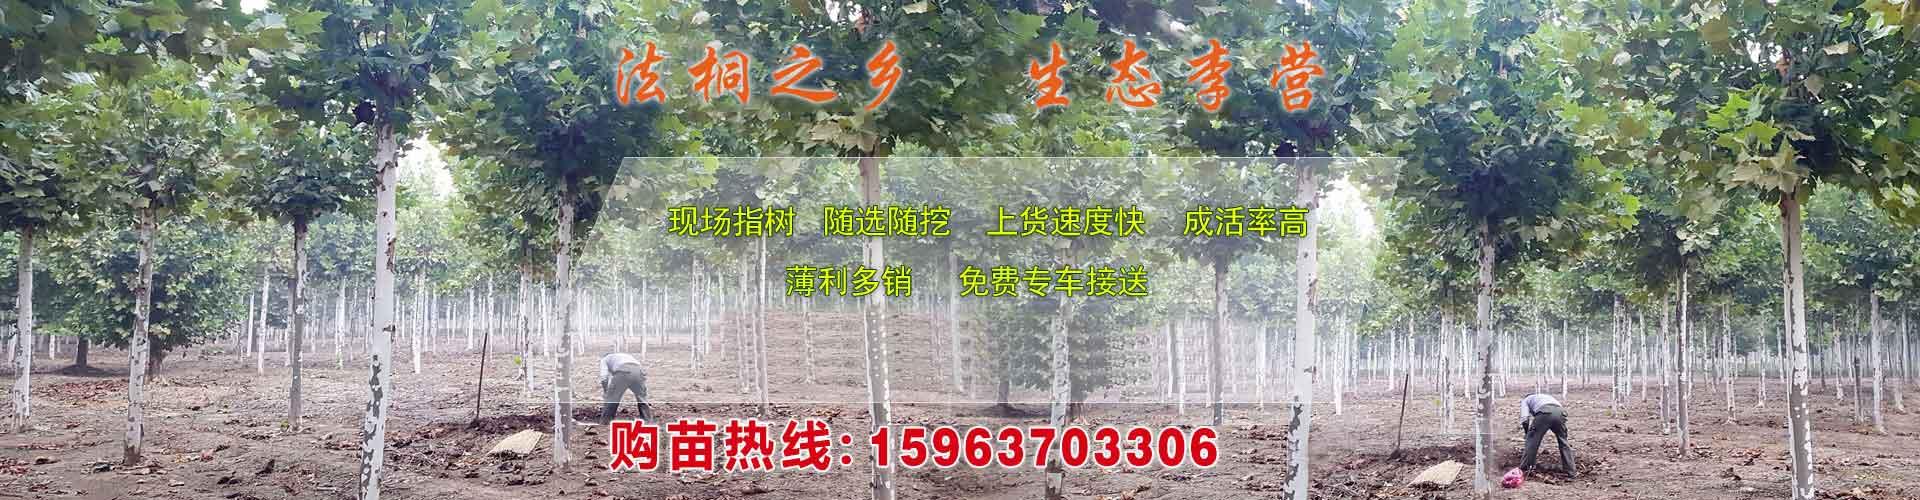 济宁千木园林有限公司